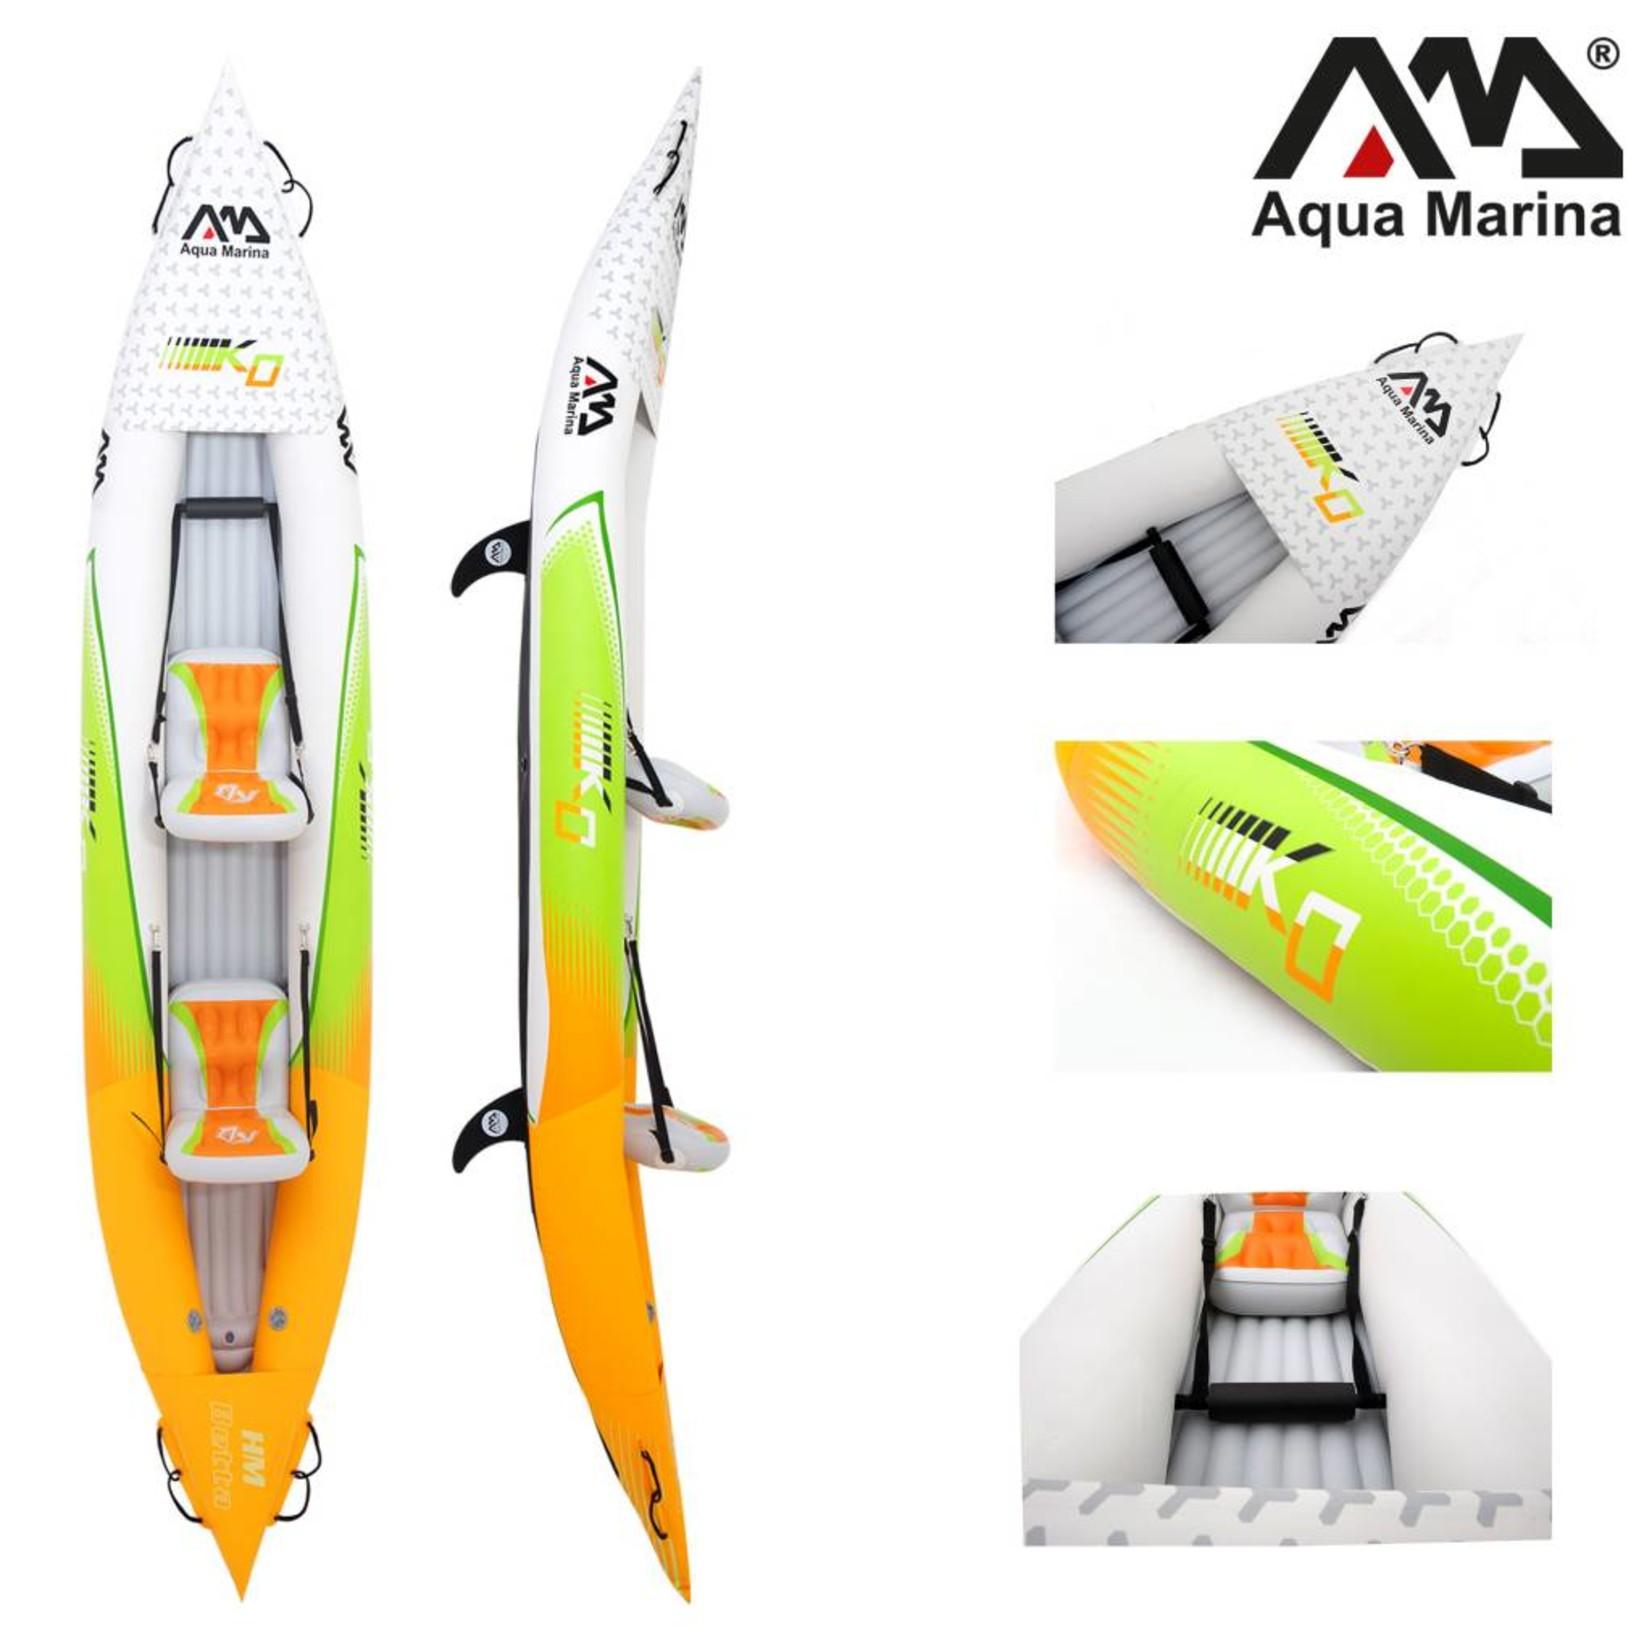 Aqua Marina Betta HM K0 Two - Opblaasbare Kajak met Peddel